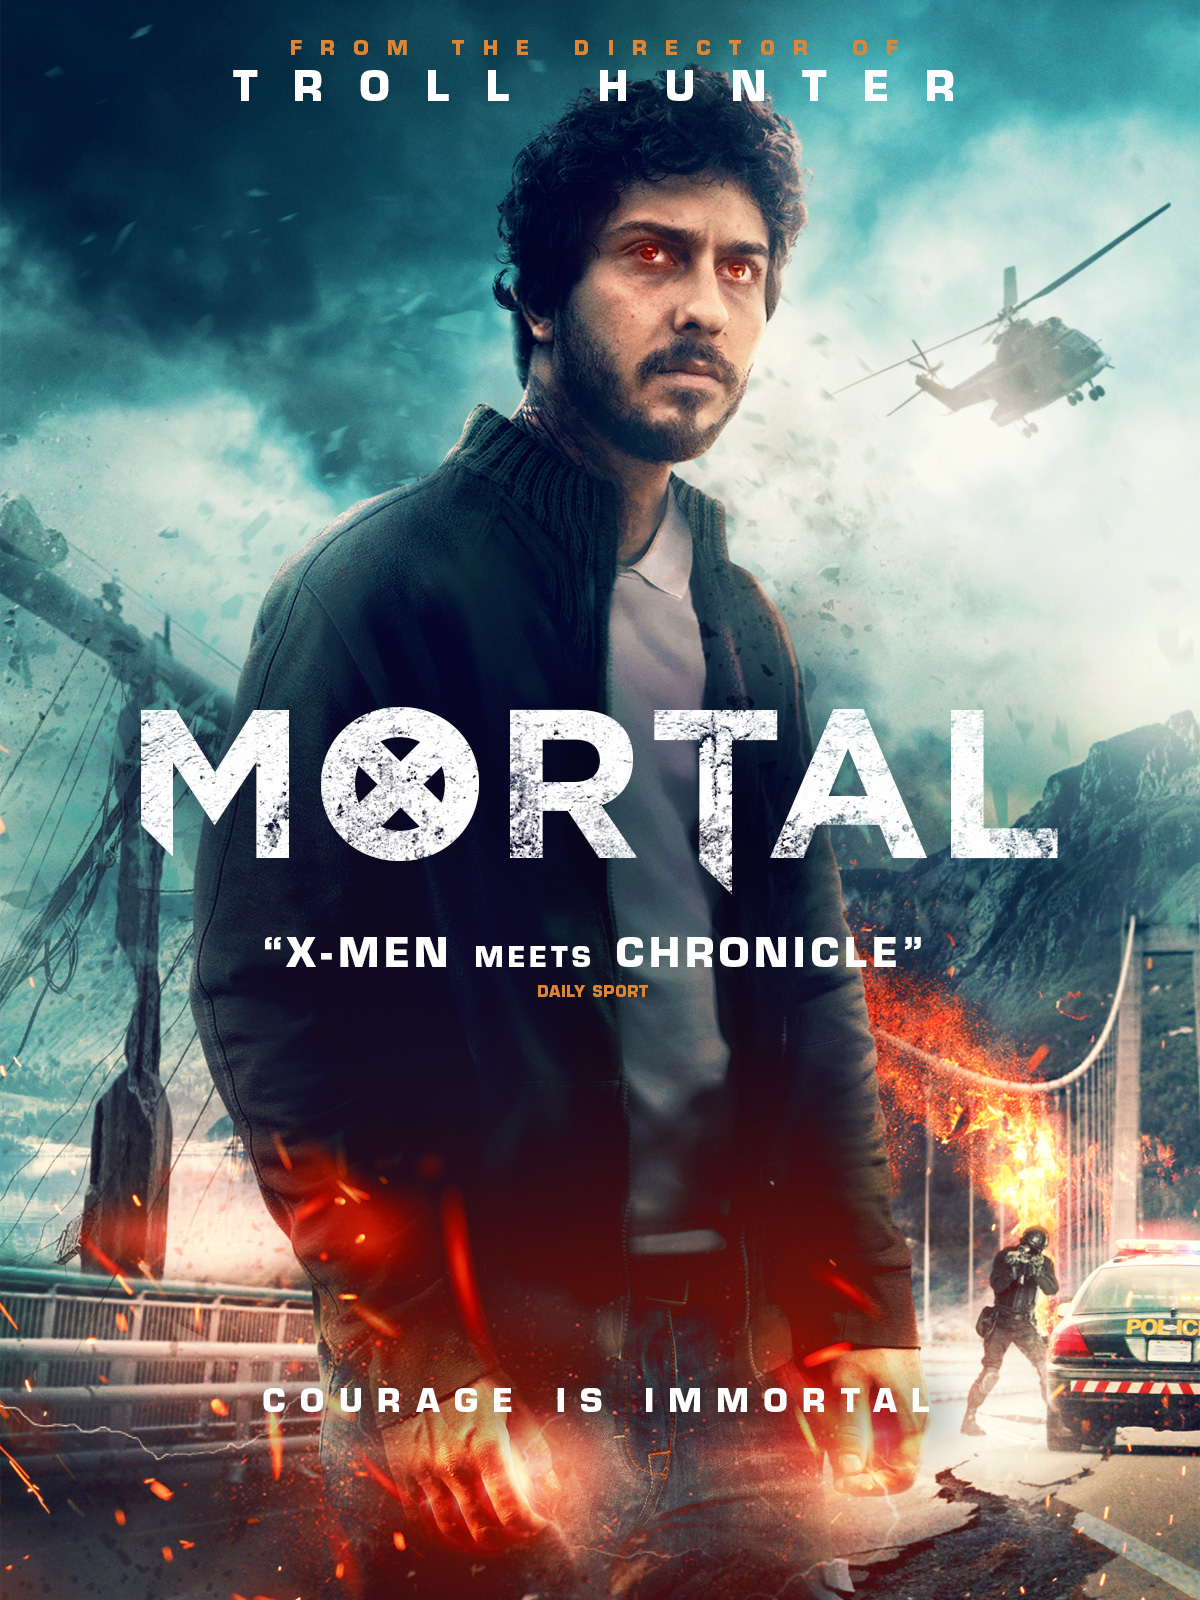 Mortal (2020) Movie Review | Movie Reviews 101